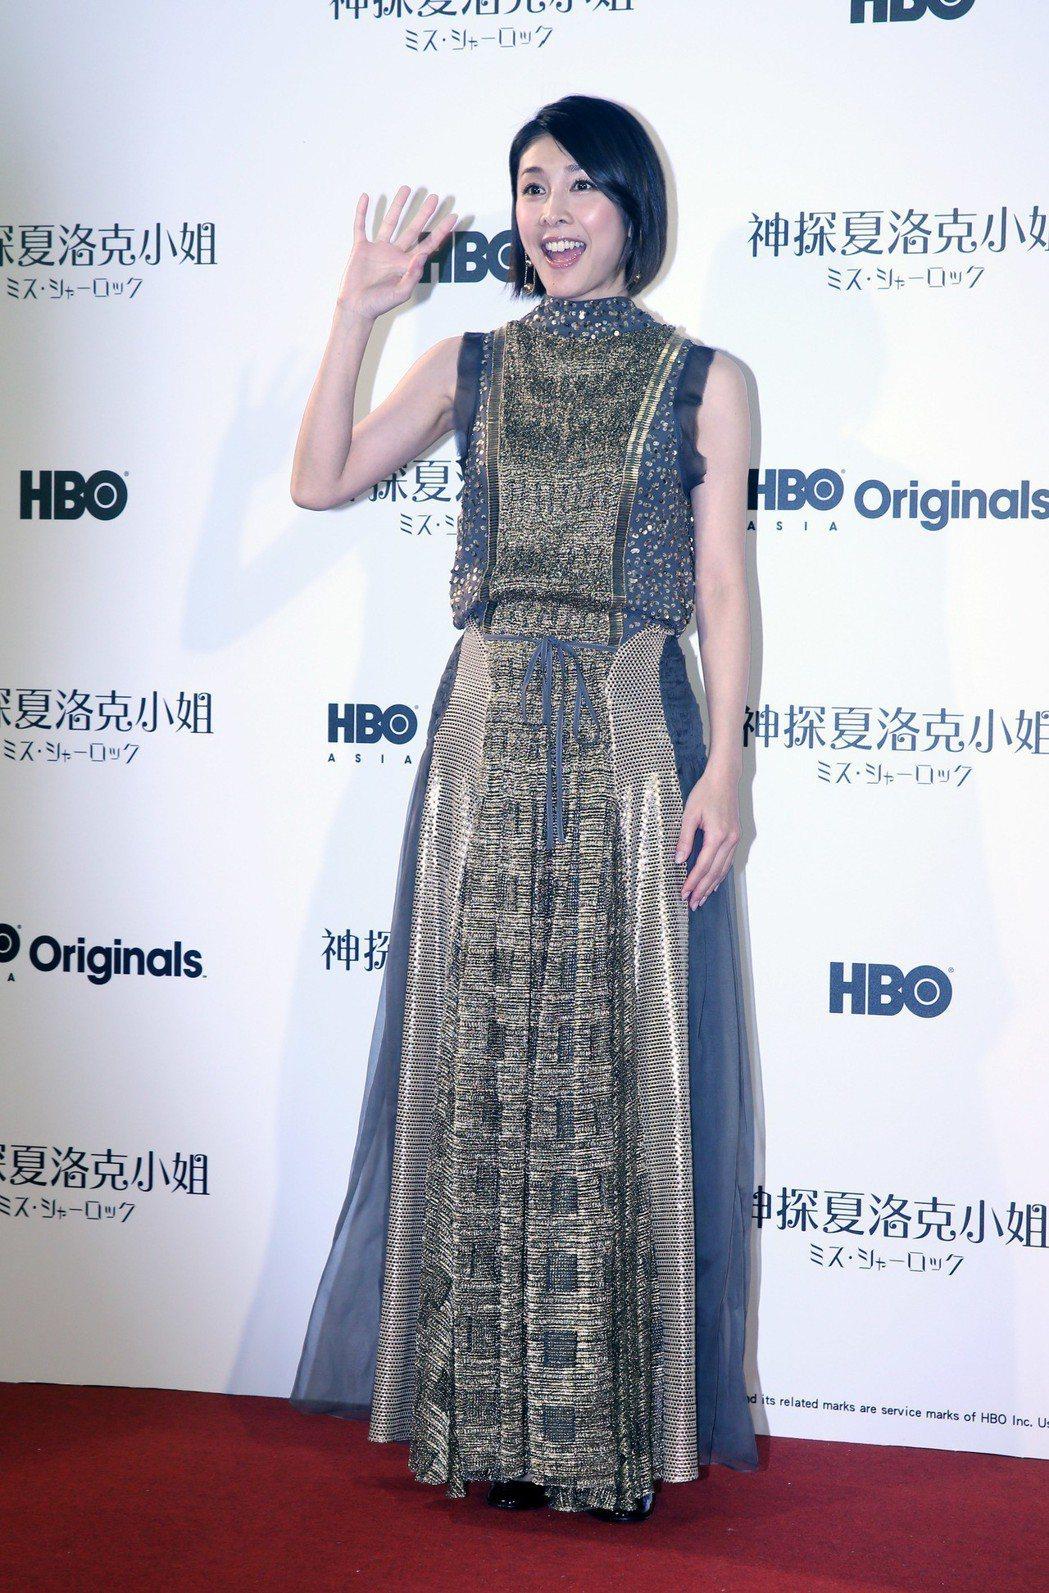 「神探夏洛克小姐」影集在台北舉行首映會,主角竹內結子出席。記者邱德祥/攝影